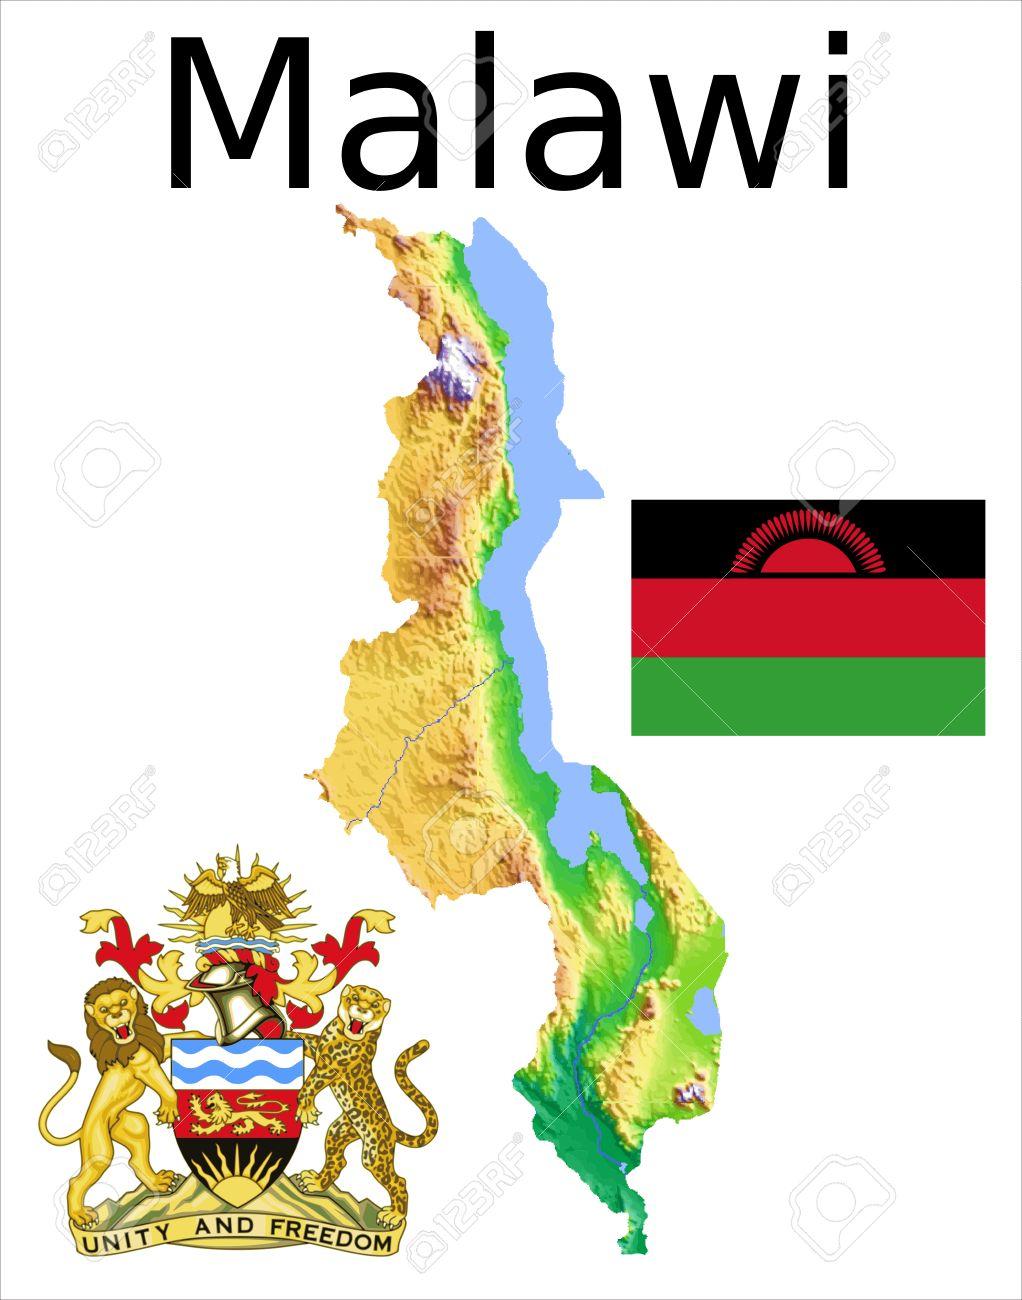 Malawi Map Flag Coat Royalty Free Cliparts Vectors And Stock - Malawi map